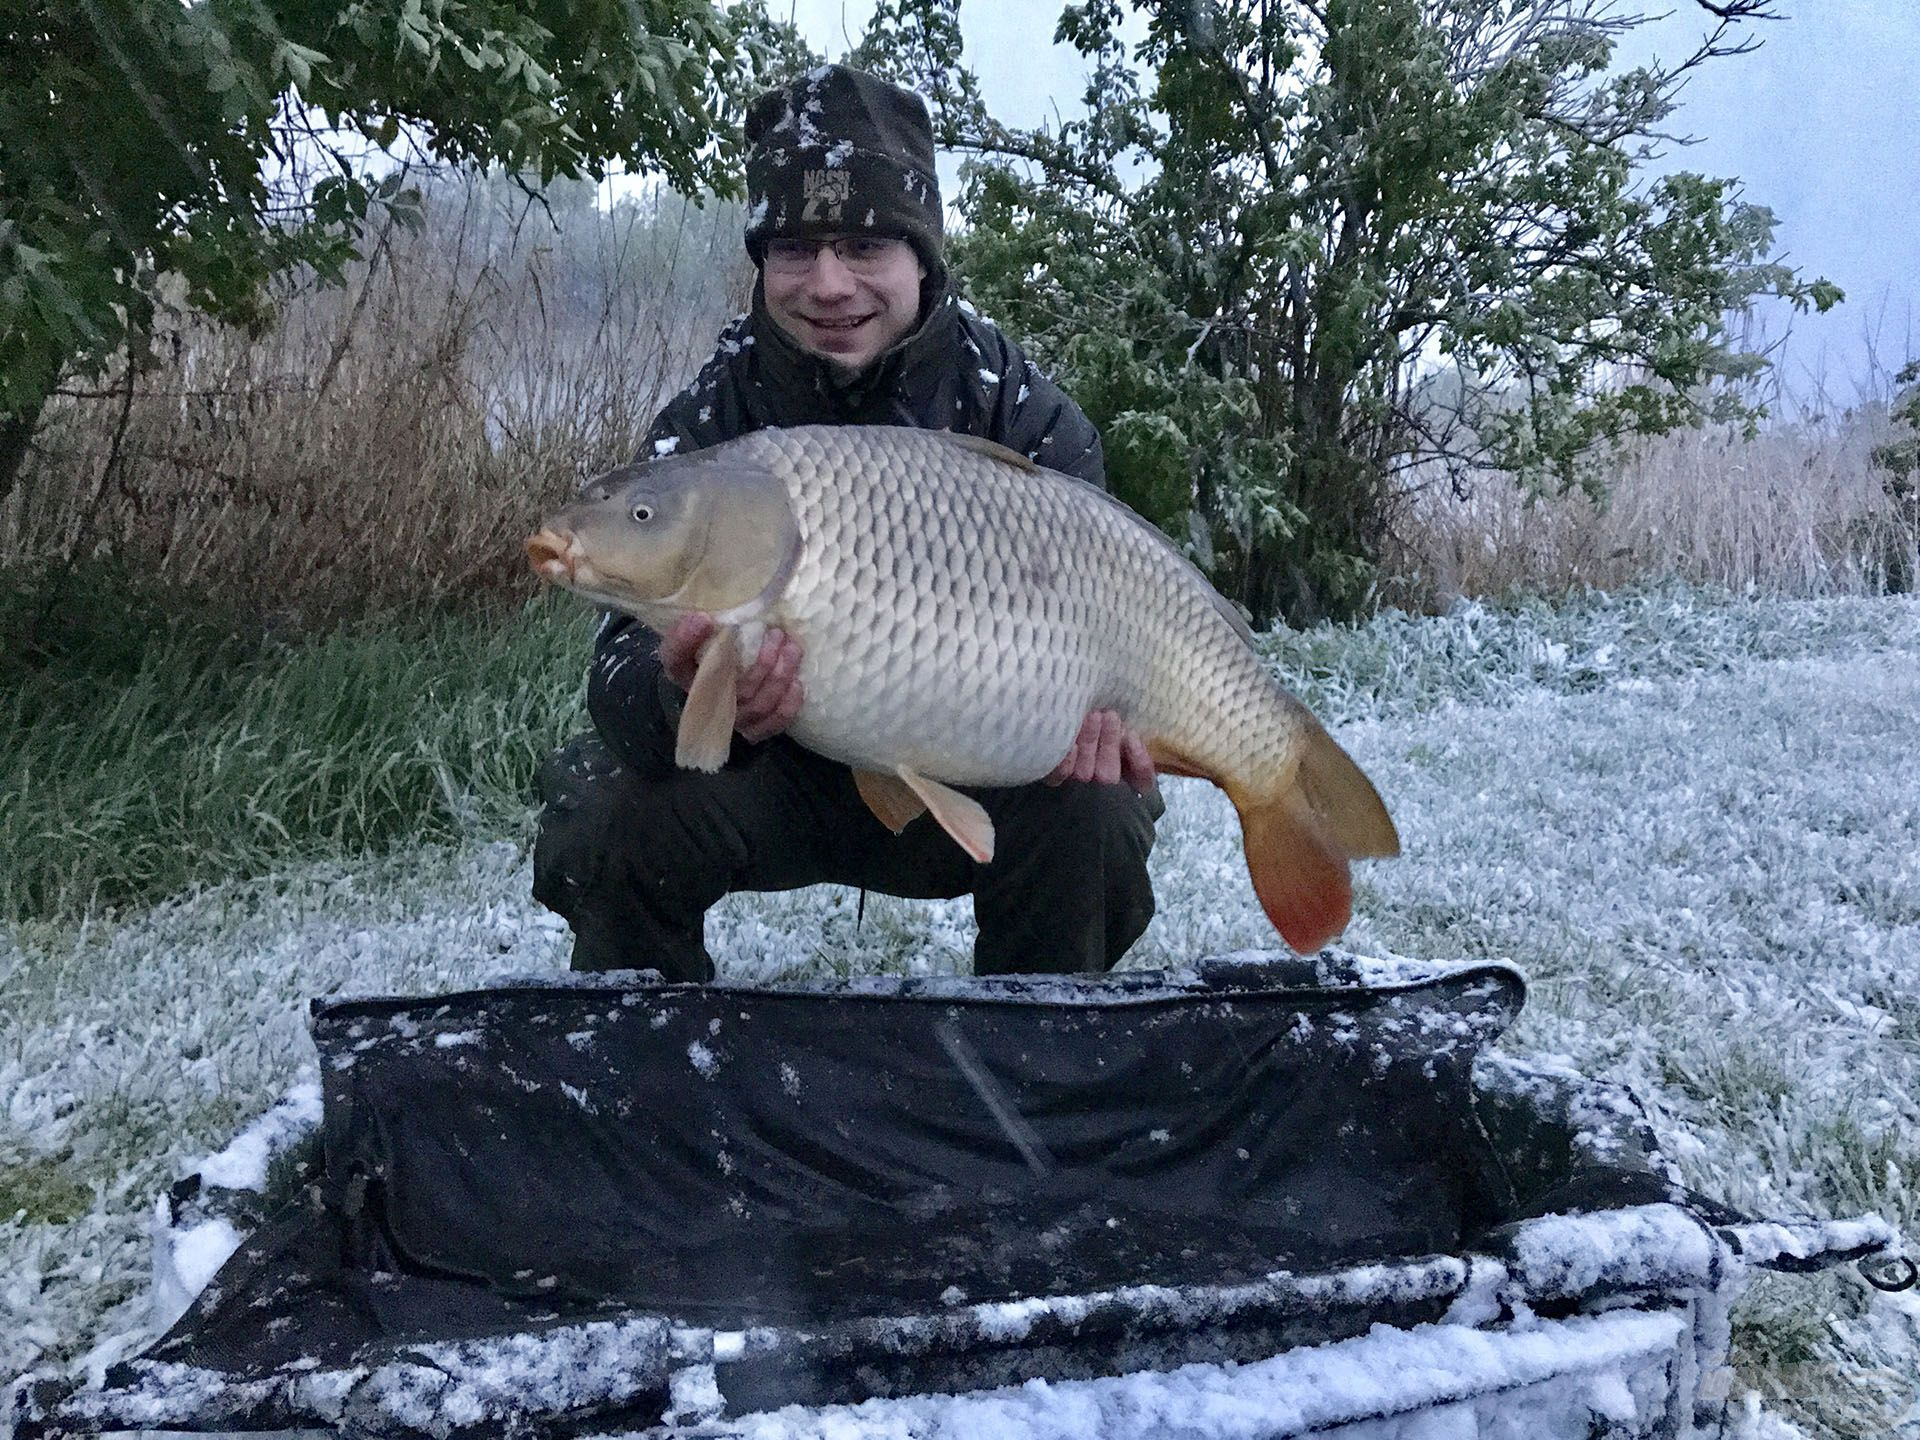 Ádám barátom is állta a havat, büszkén tartja kezében e csodás halat